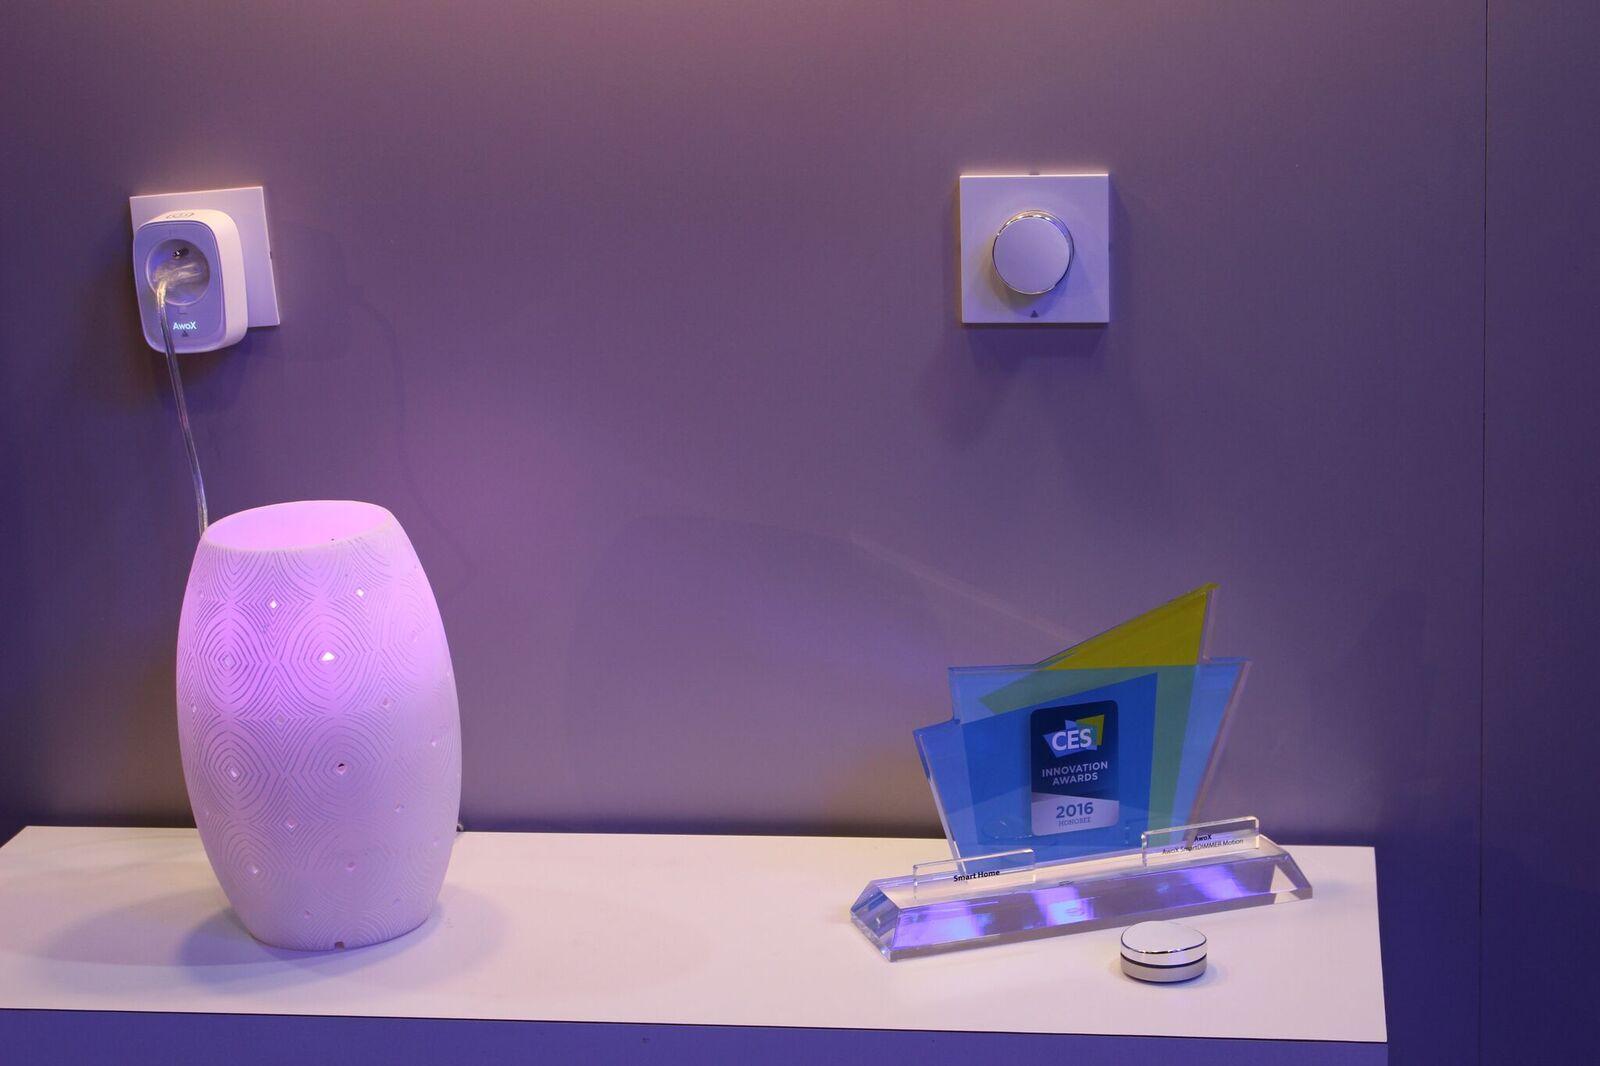 Le contrôle de la lumière est simplifié dans la maison grâce à un interrupteur en forme de galet design et sans fil ! Un objet connecté innovant qui vous changera la vie